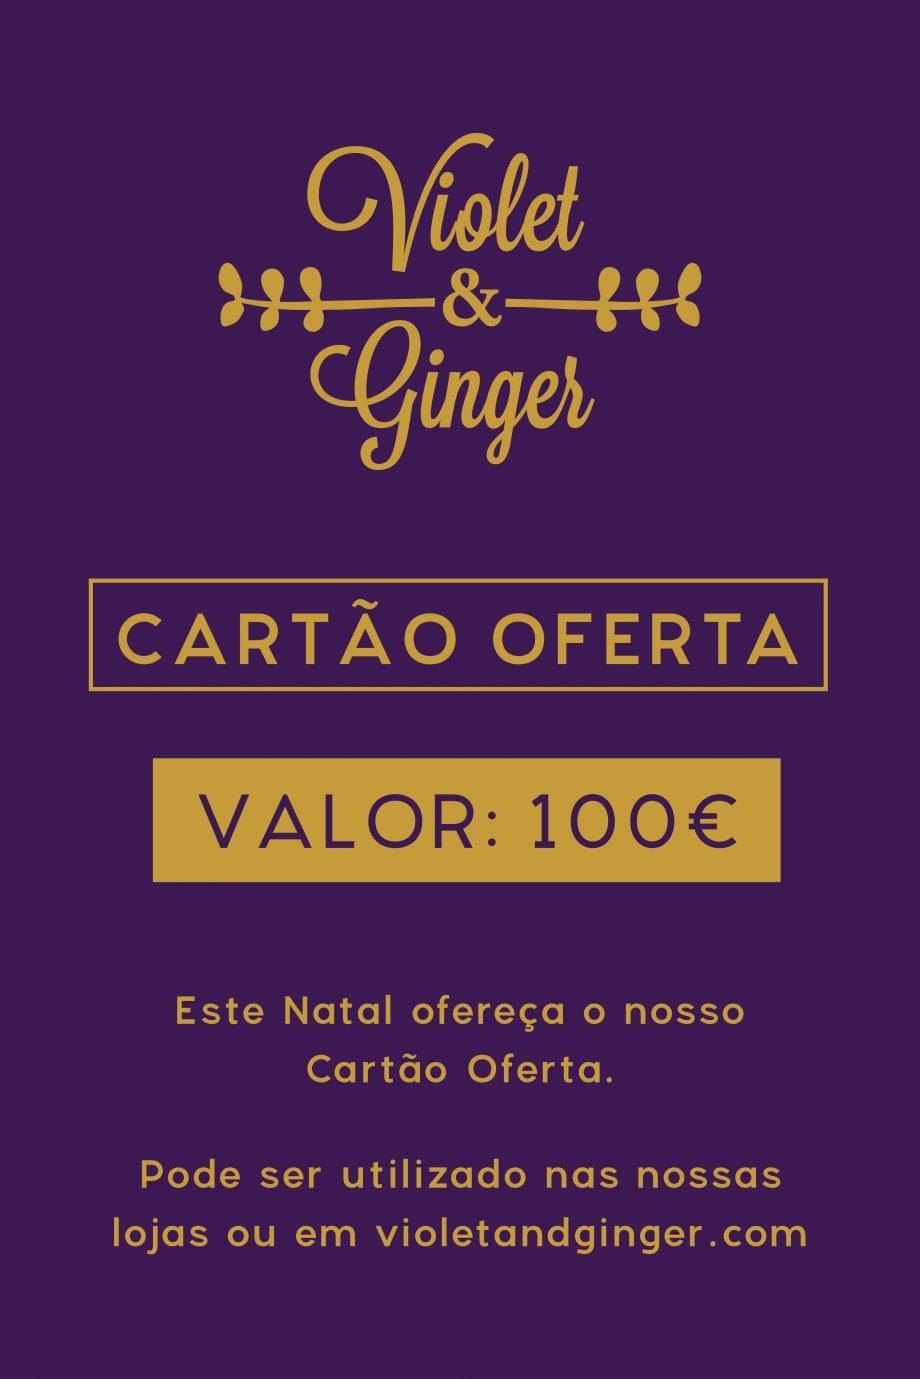 Cartão Oferta 100€